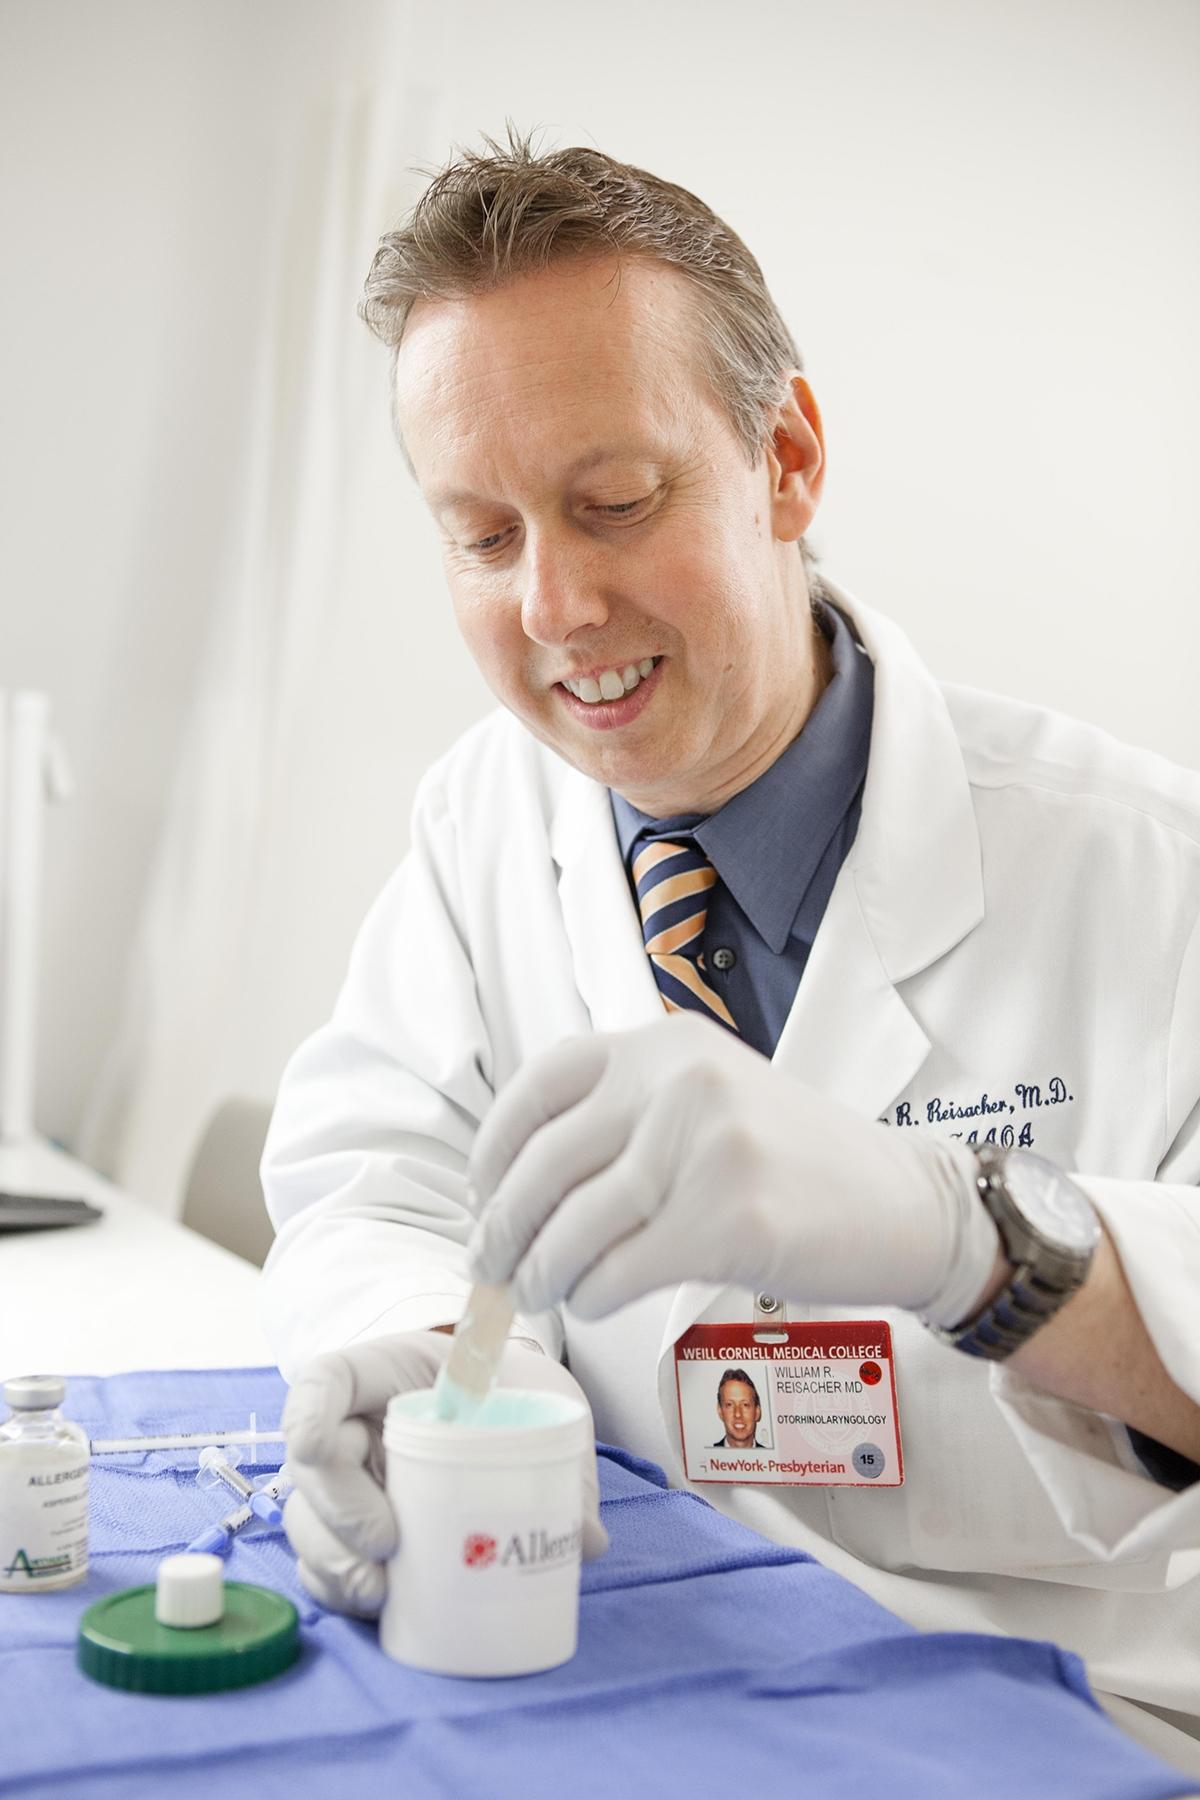 Dr. William Reisacher, Allerdent